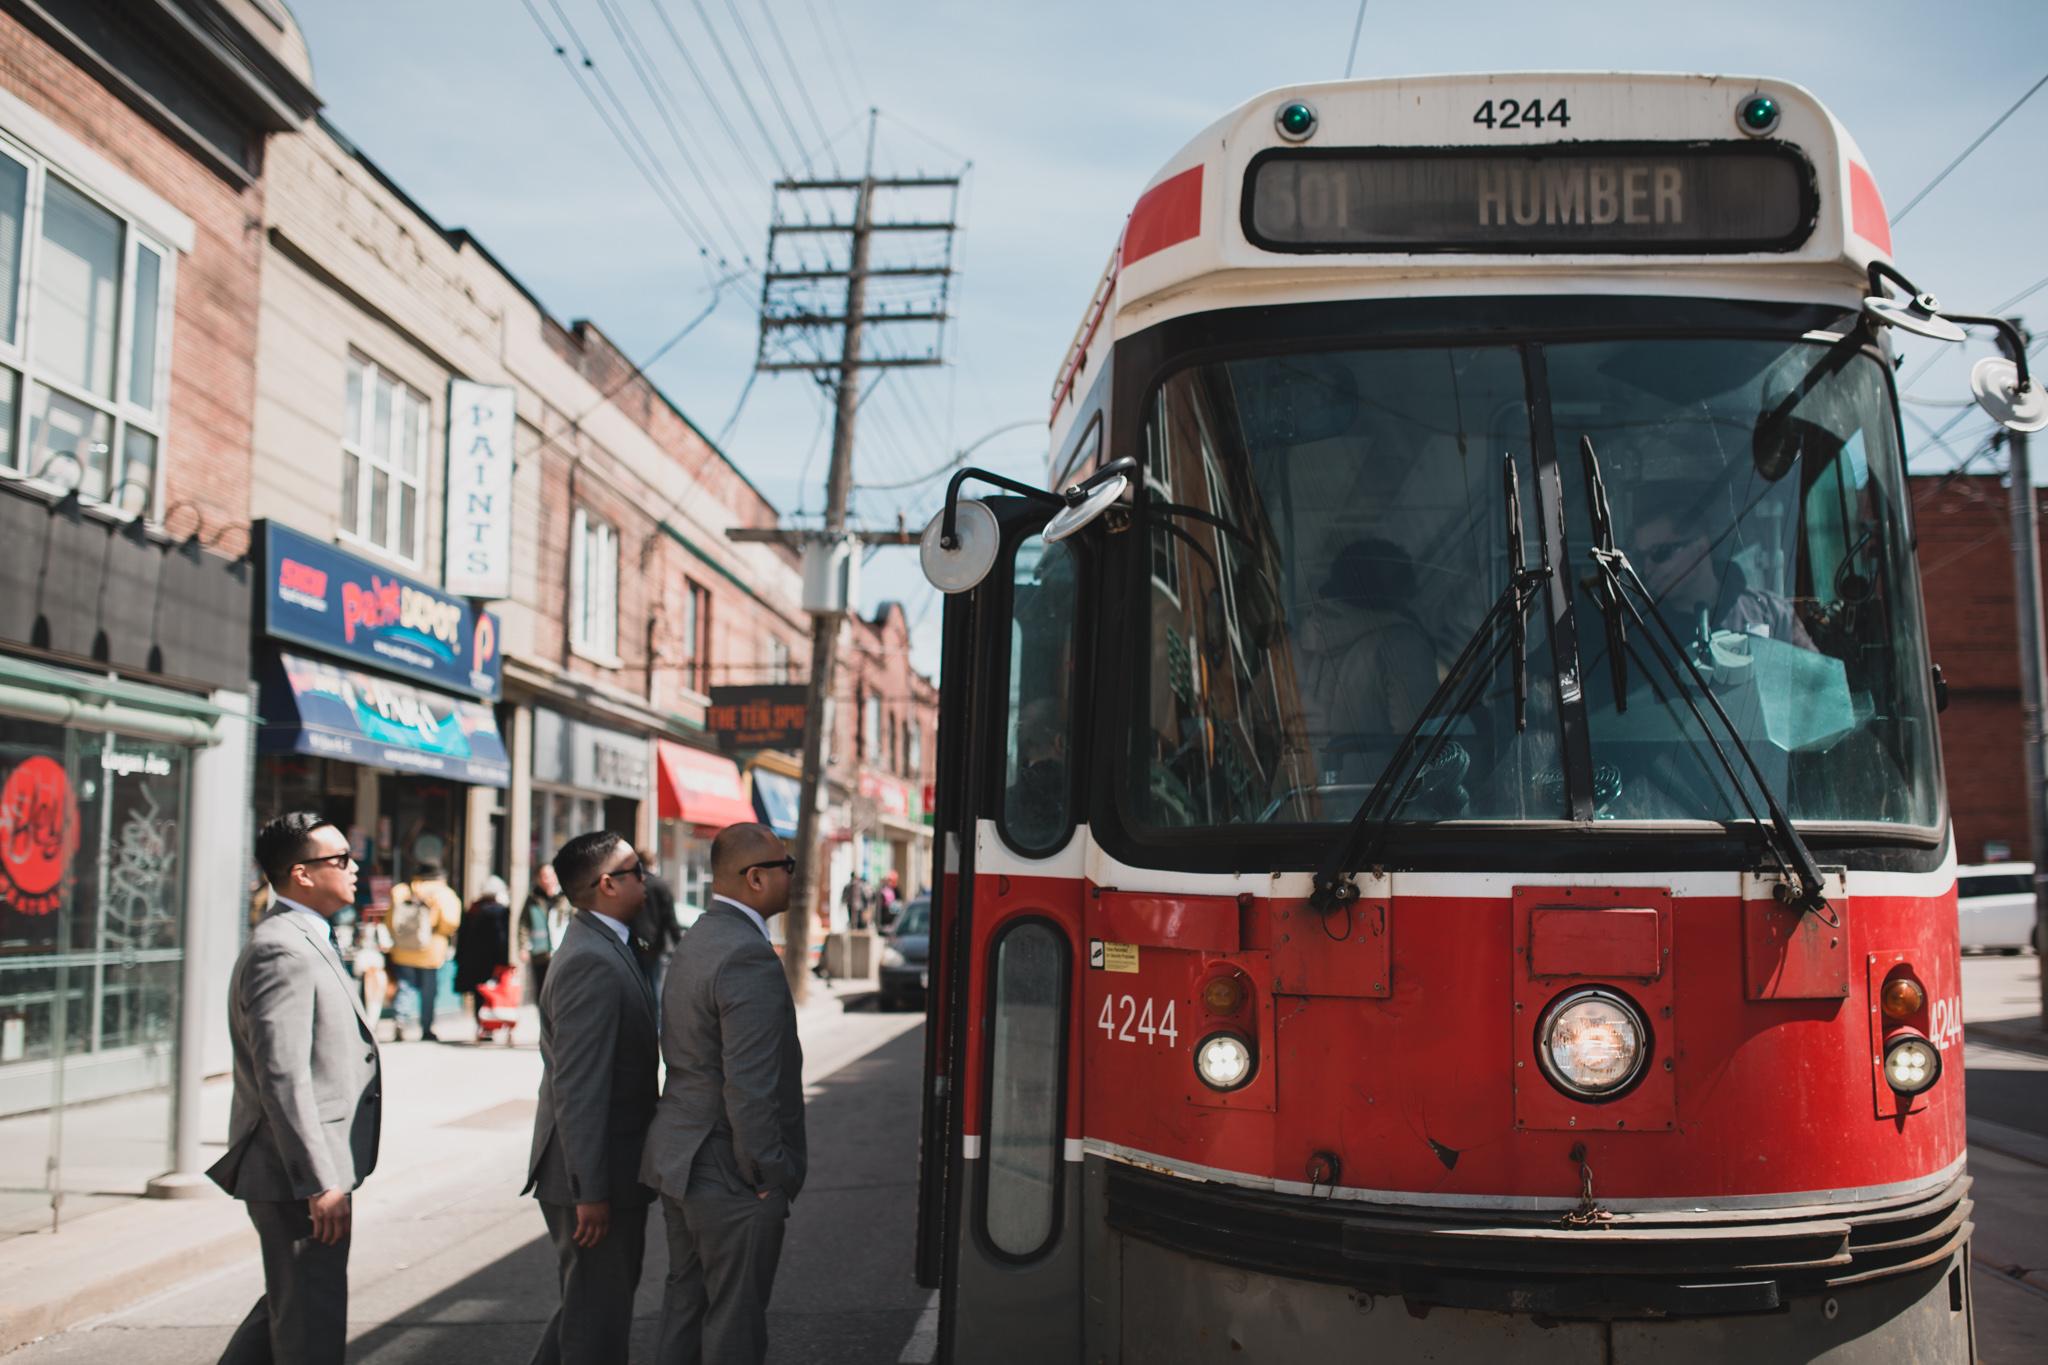 Queen St. Toronto Street Car